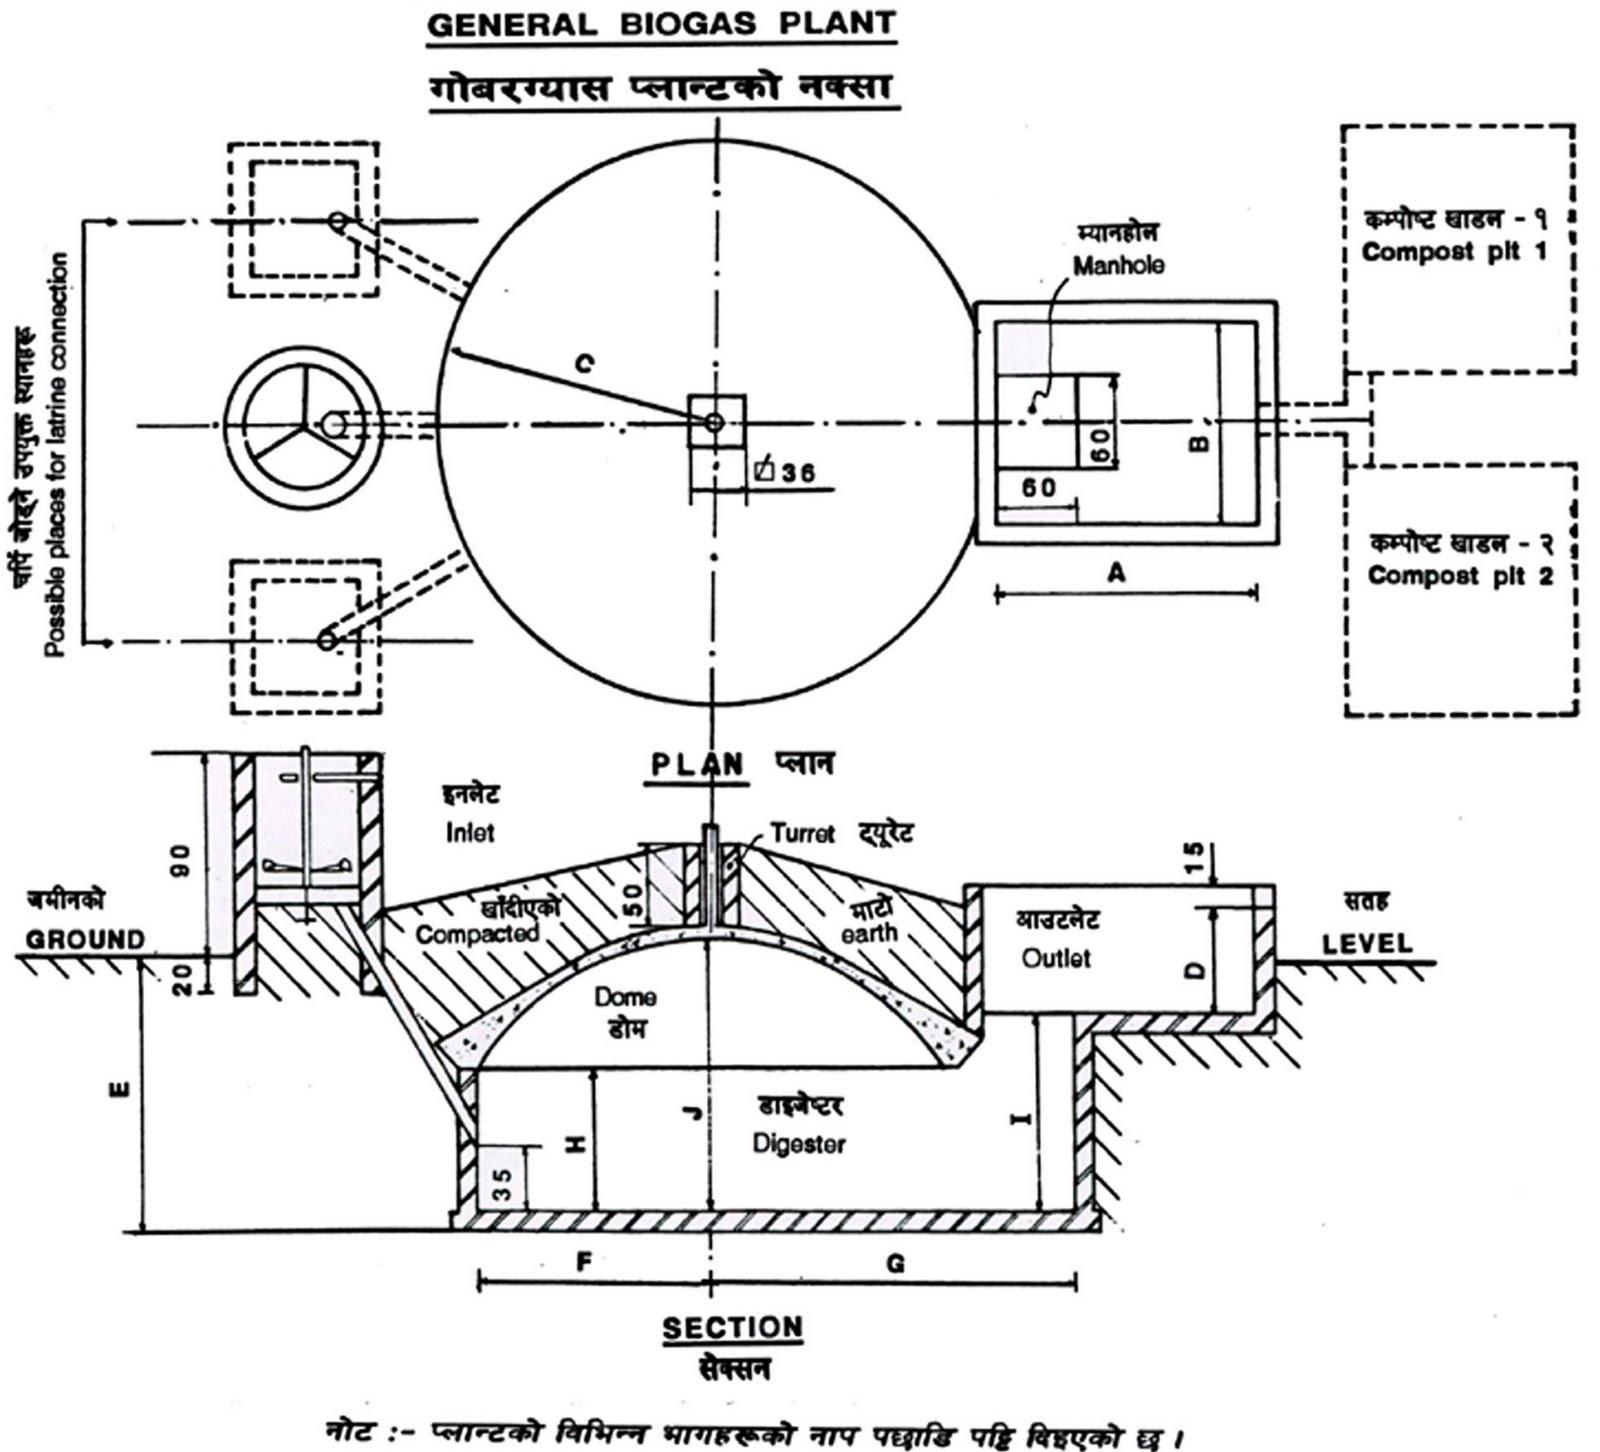 Biogas Construction Process | Download DOC File ~ Biogas